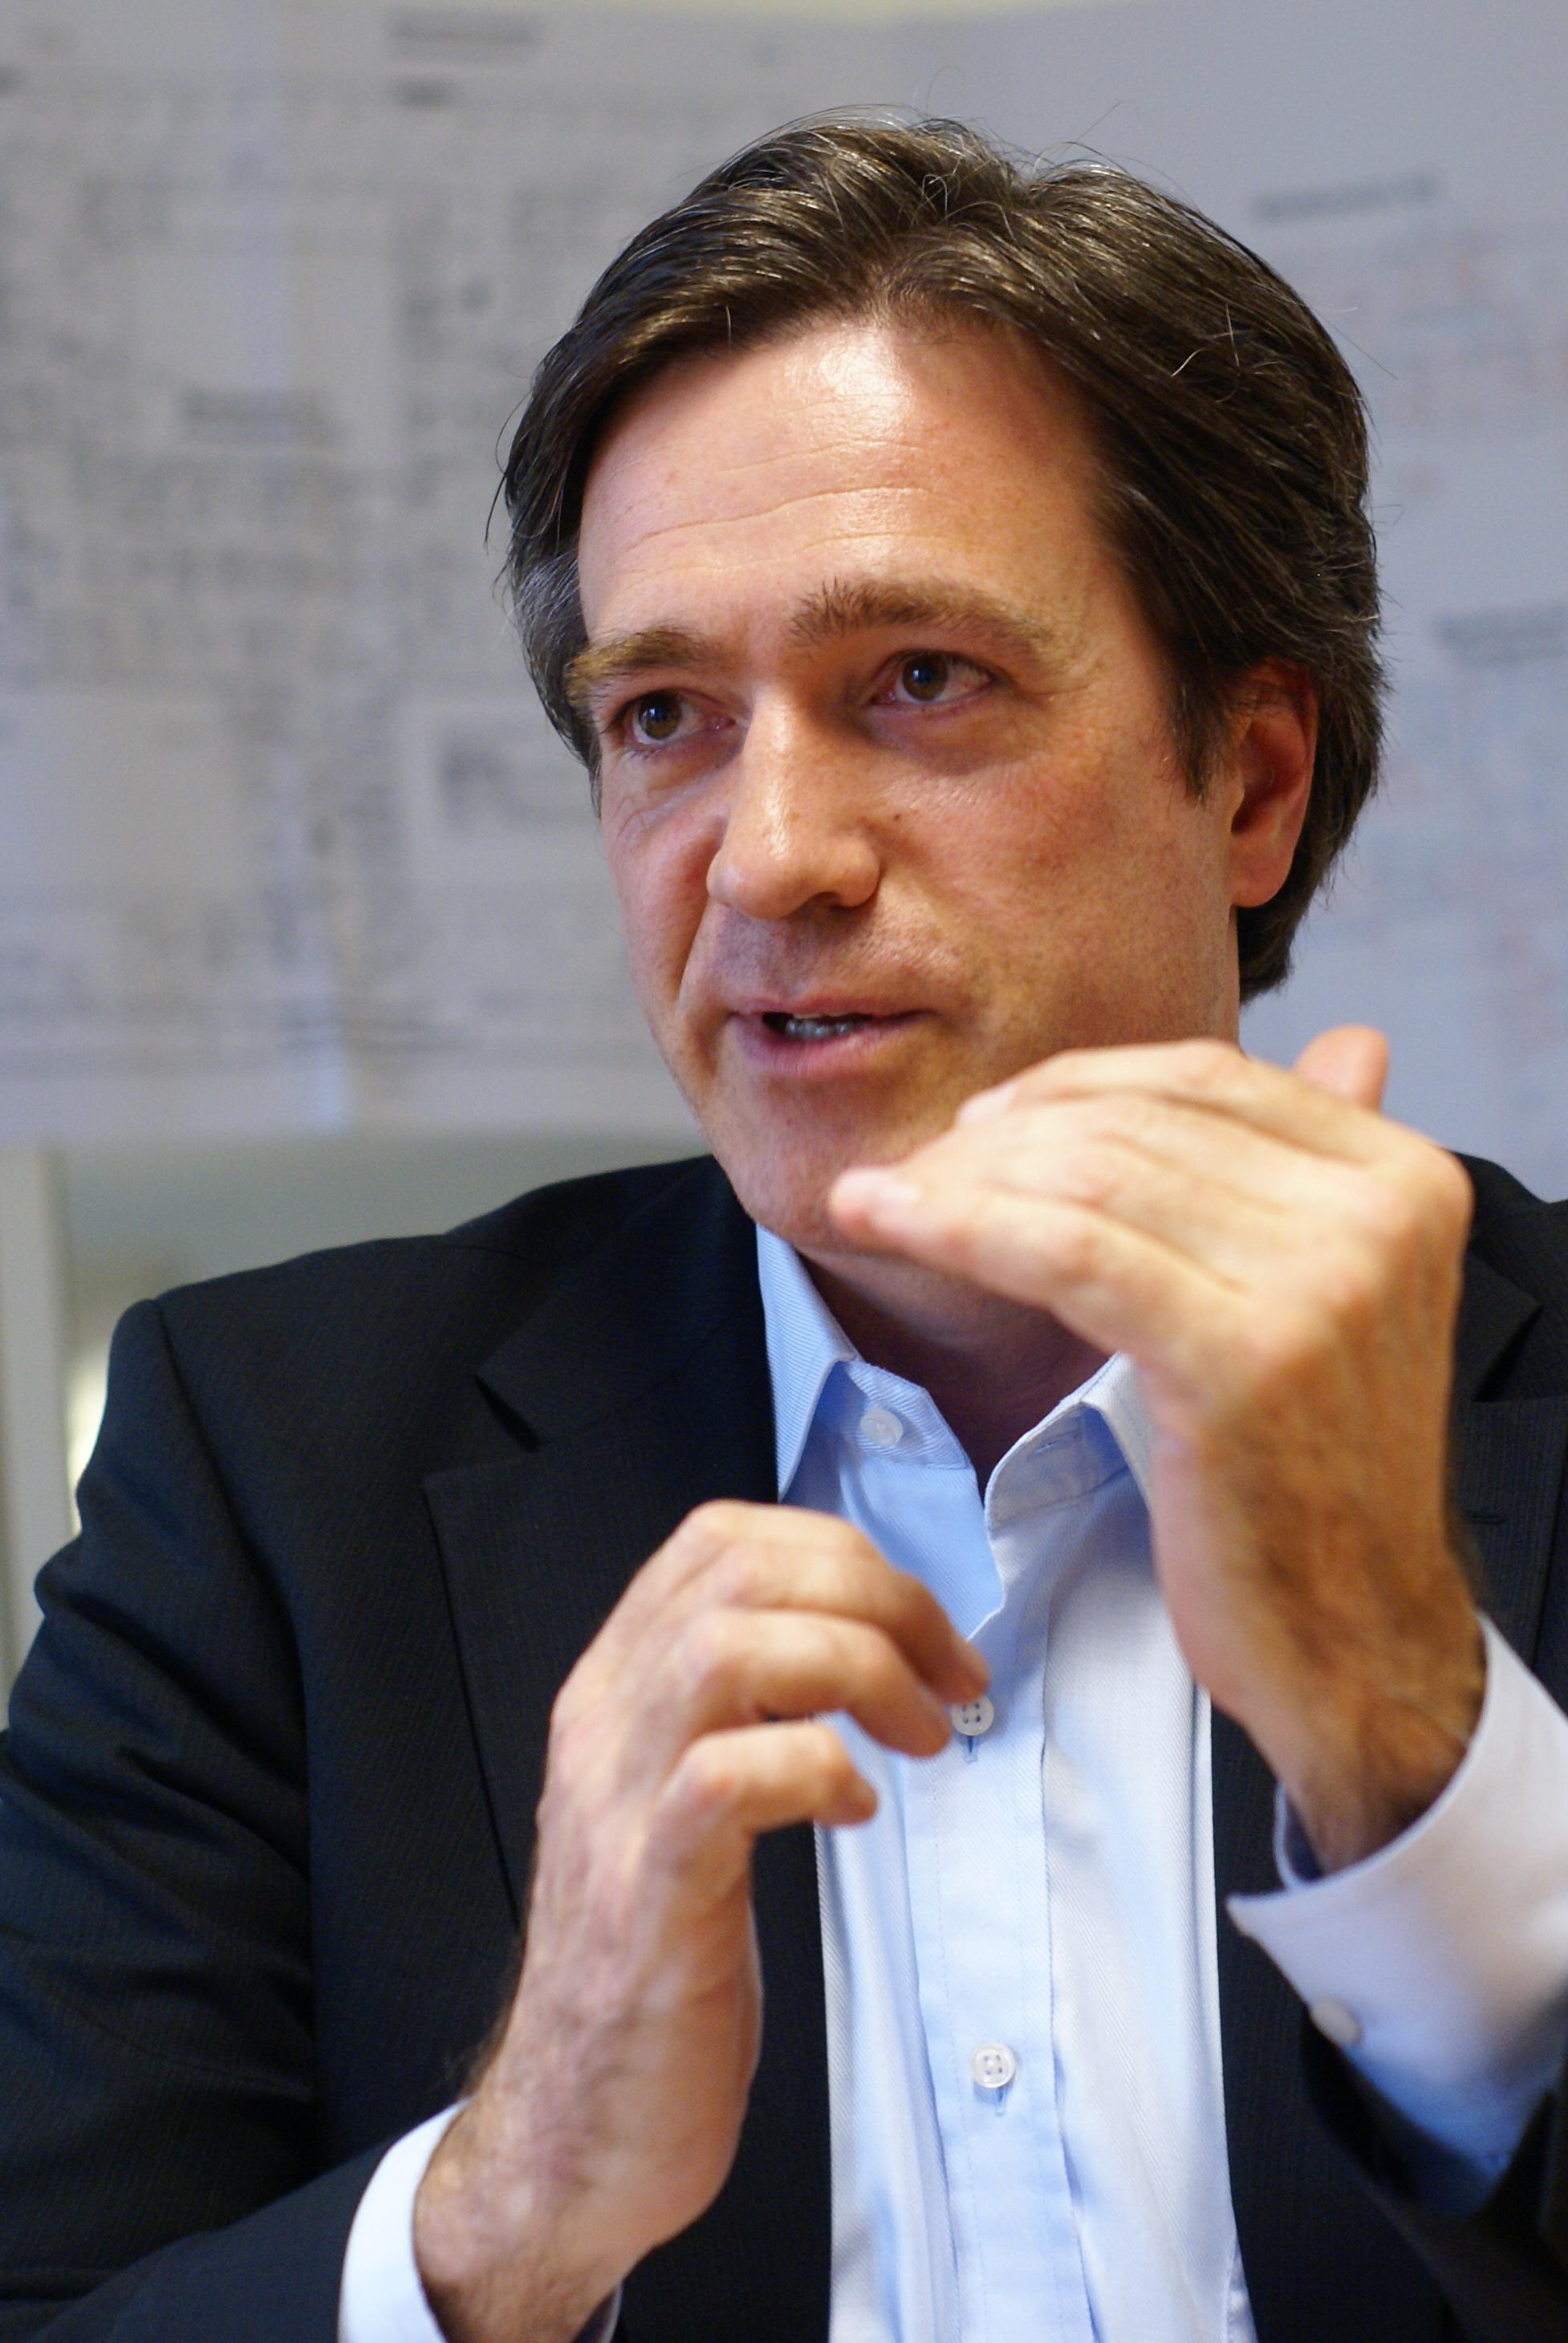 """Wolfgang Büchner: """"Wir müssen nicht jedes Detail jedesmal neu erklären."""" - Buechner1"""